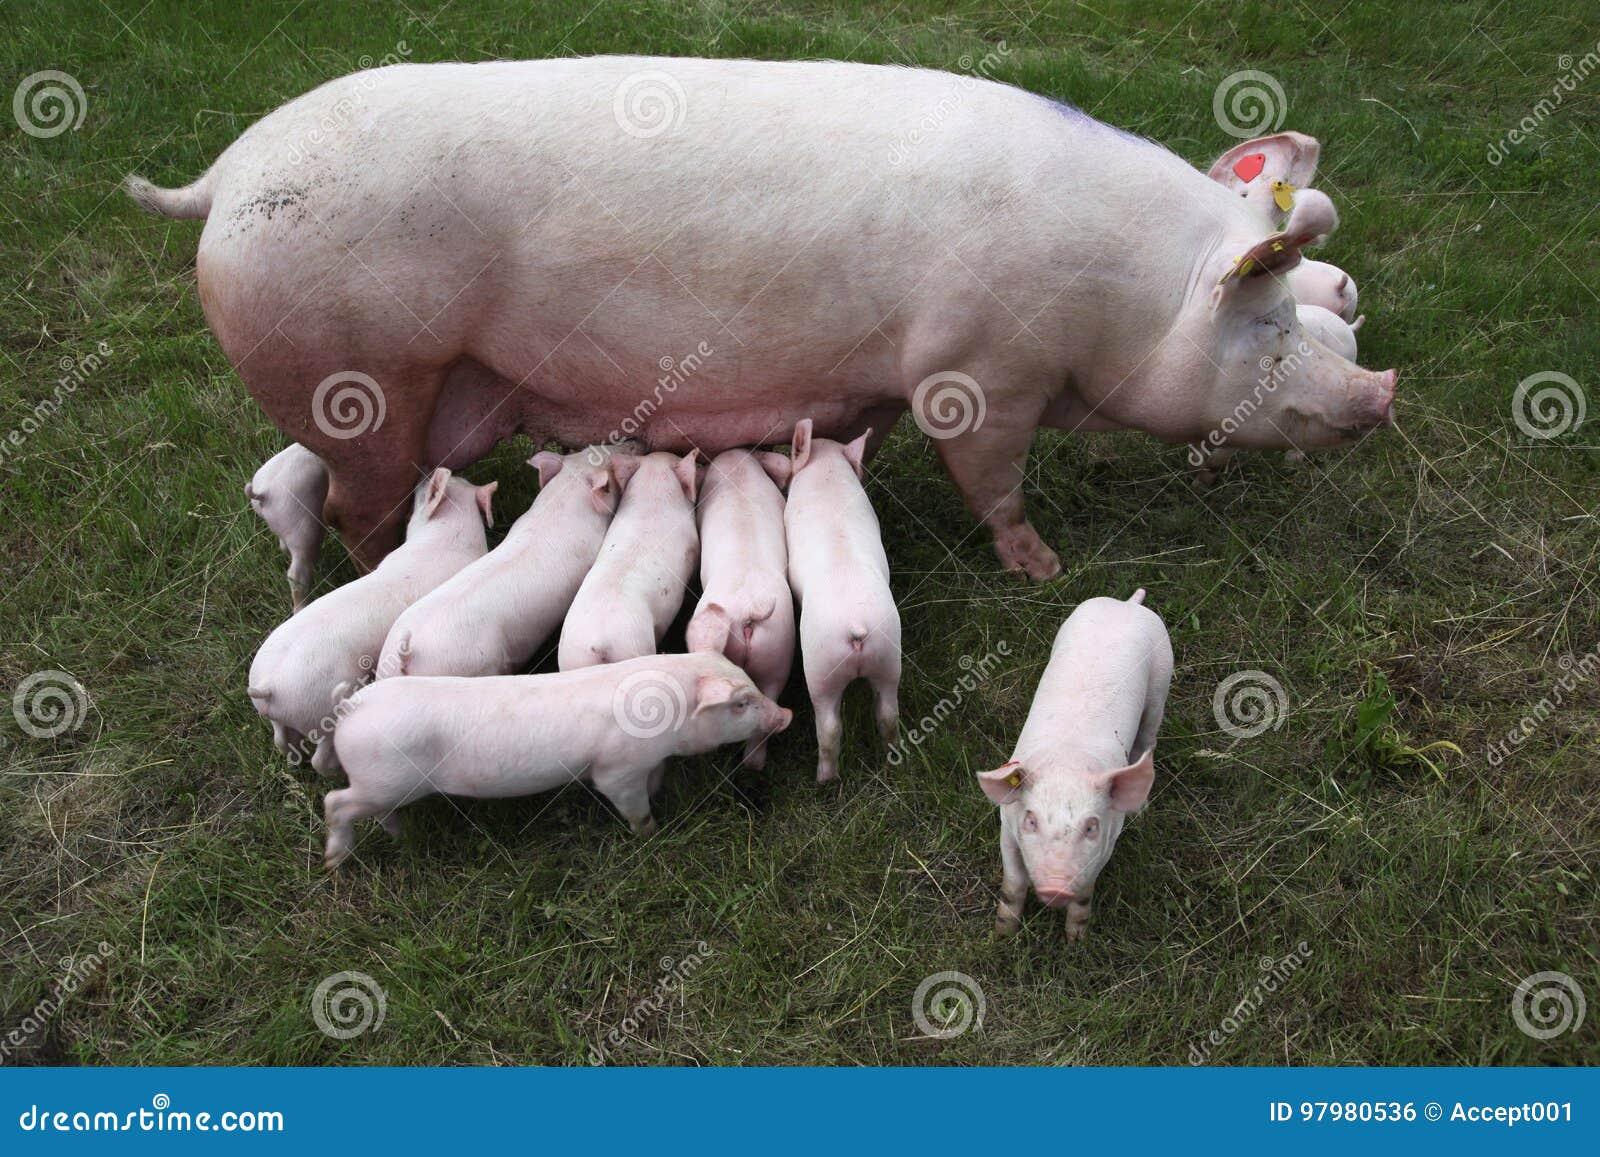 从母猪和她新出生的小猪上的照片. 茴香, 商业.图片